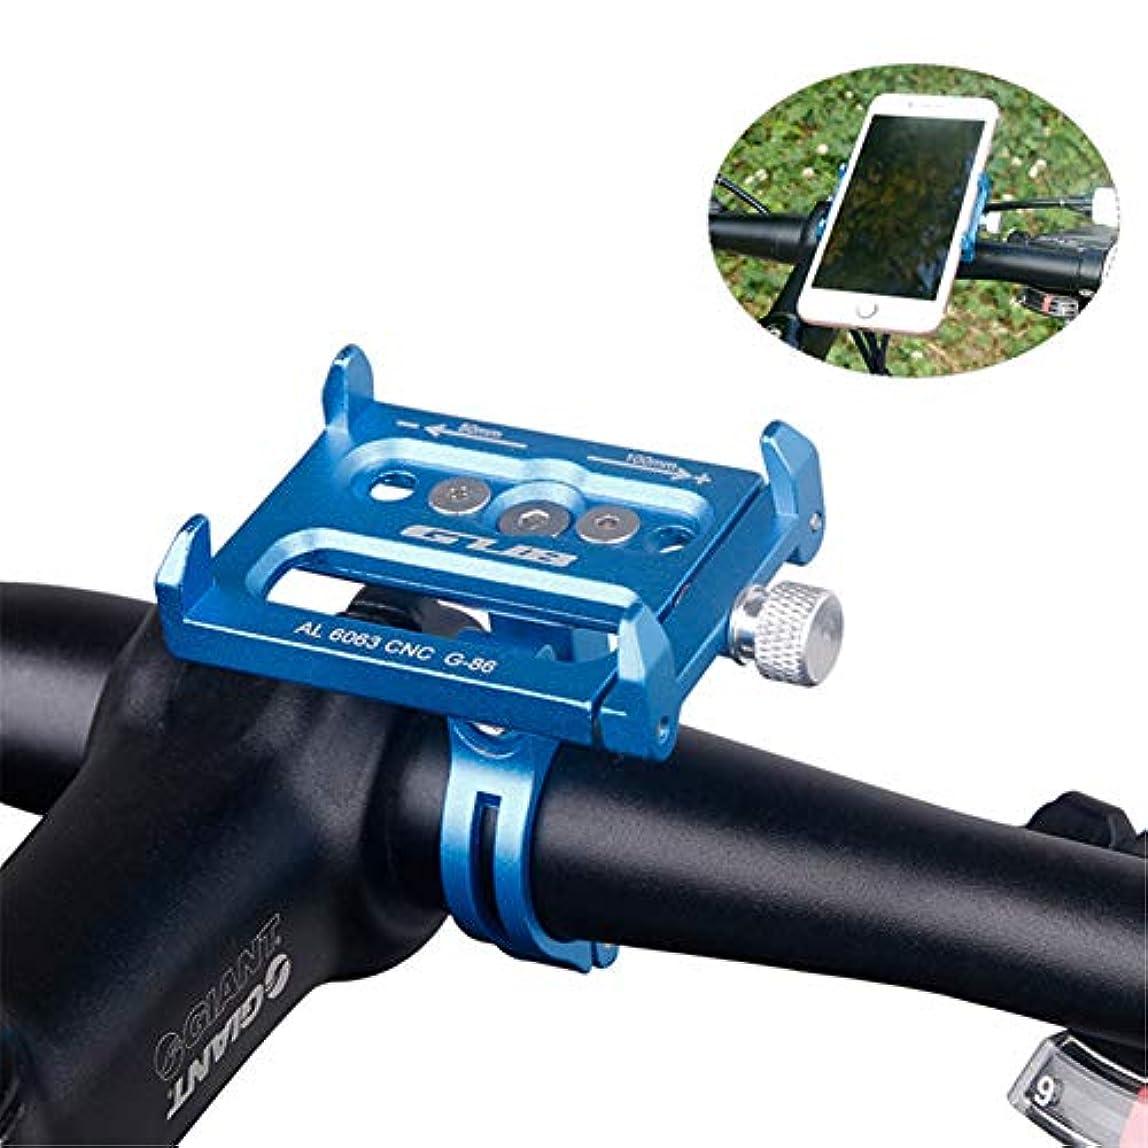 フラスコりんご消費者GUB G-86 Motorcycle and Bicycle Cell Phone Holder Aluminum Universal Adjustable Phone Mount Smartphone Holder Bike Handlebar Cell Phone Holder For iPhone X 5 6 7 8 Plus Samsung LG